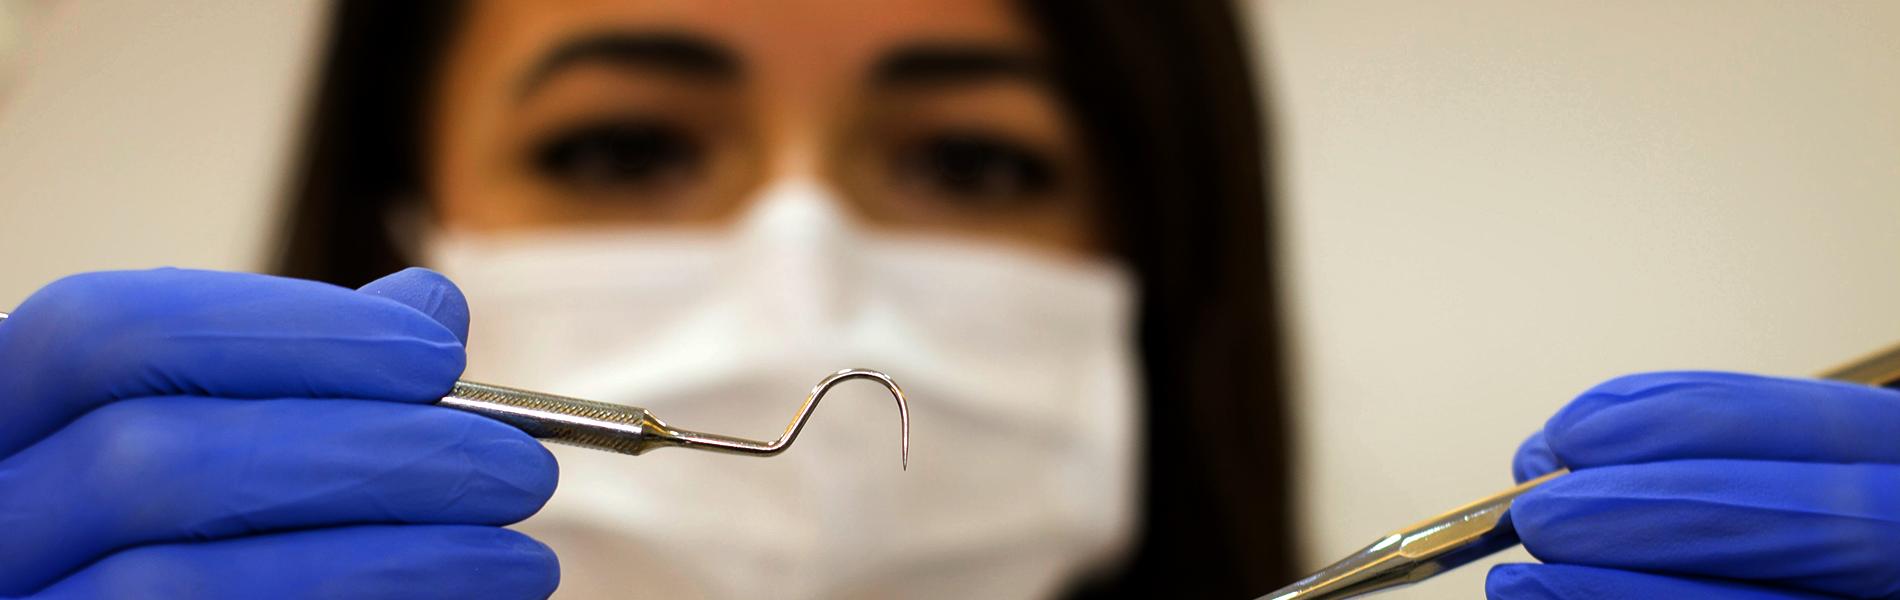 close de uma dentista com máscara e luvas segurando aparatos odontológicos